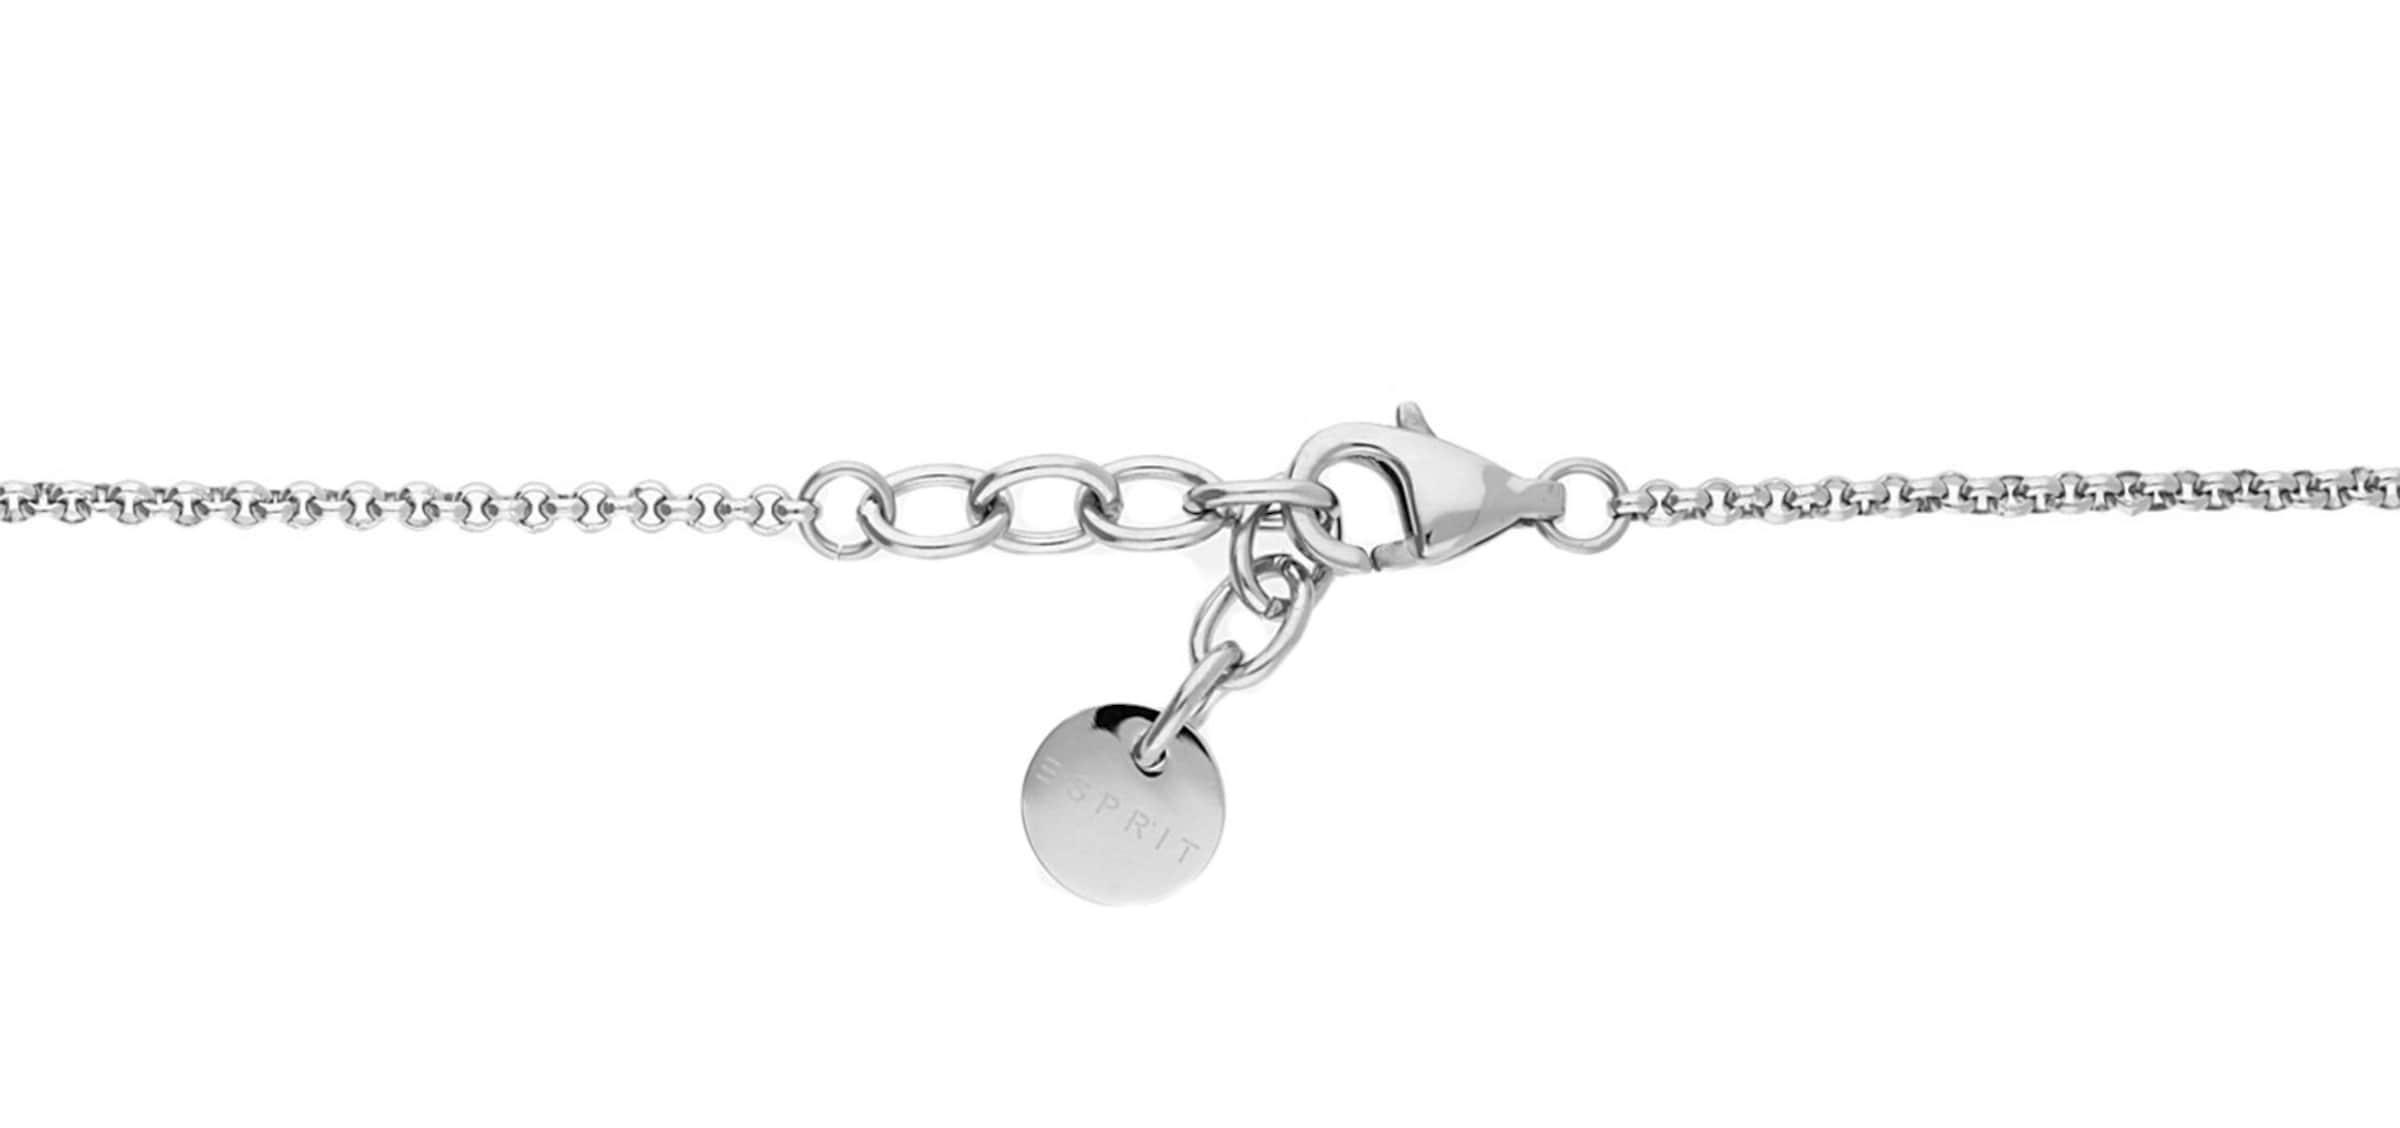 ESPRIT Halskette 'Crystal Blast' Shop-Angebot Günstiger Preis vmNT1h